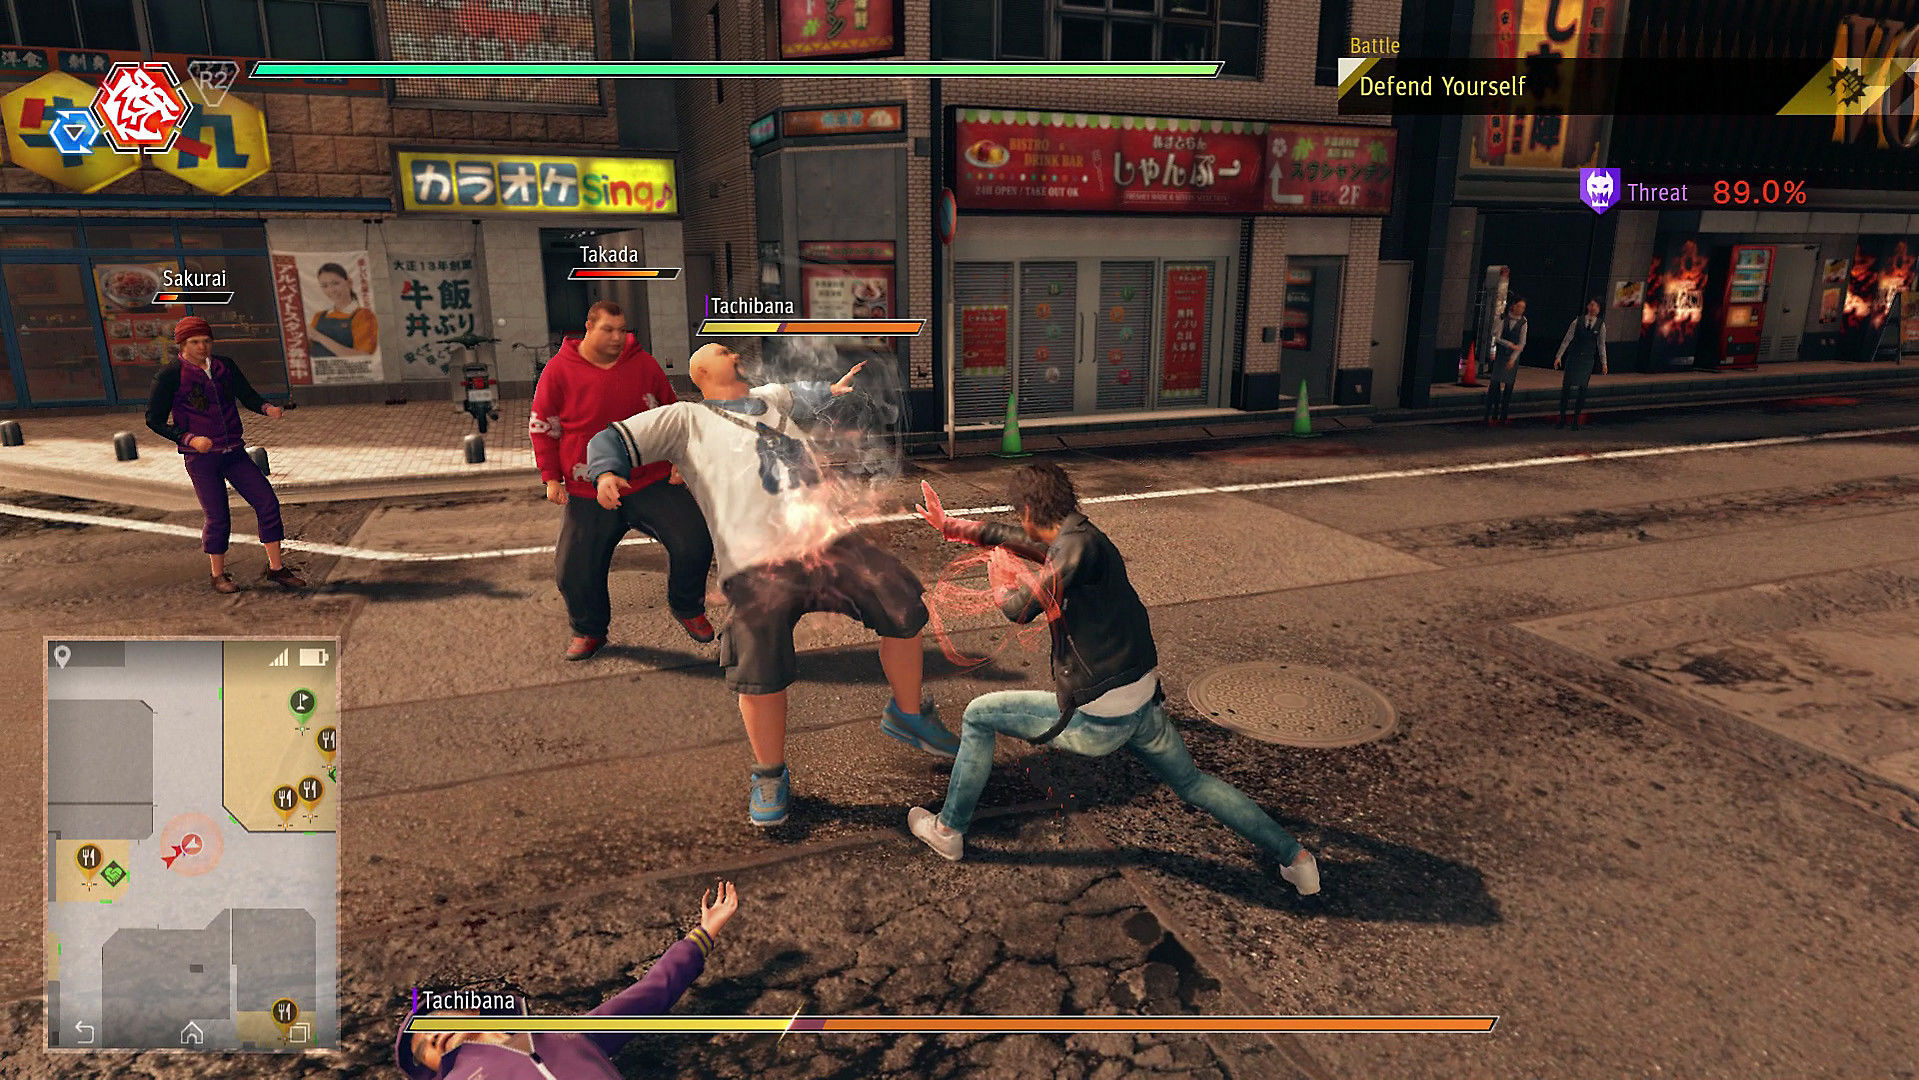 Lost Judgment PC sürümüne başrol oyuncusunun ajansı engel oluyor